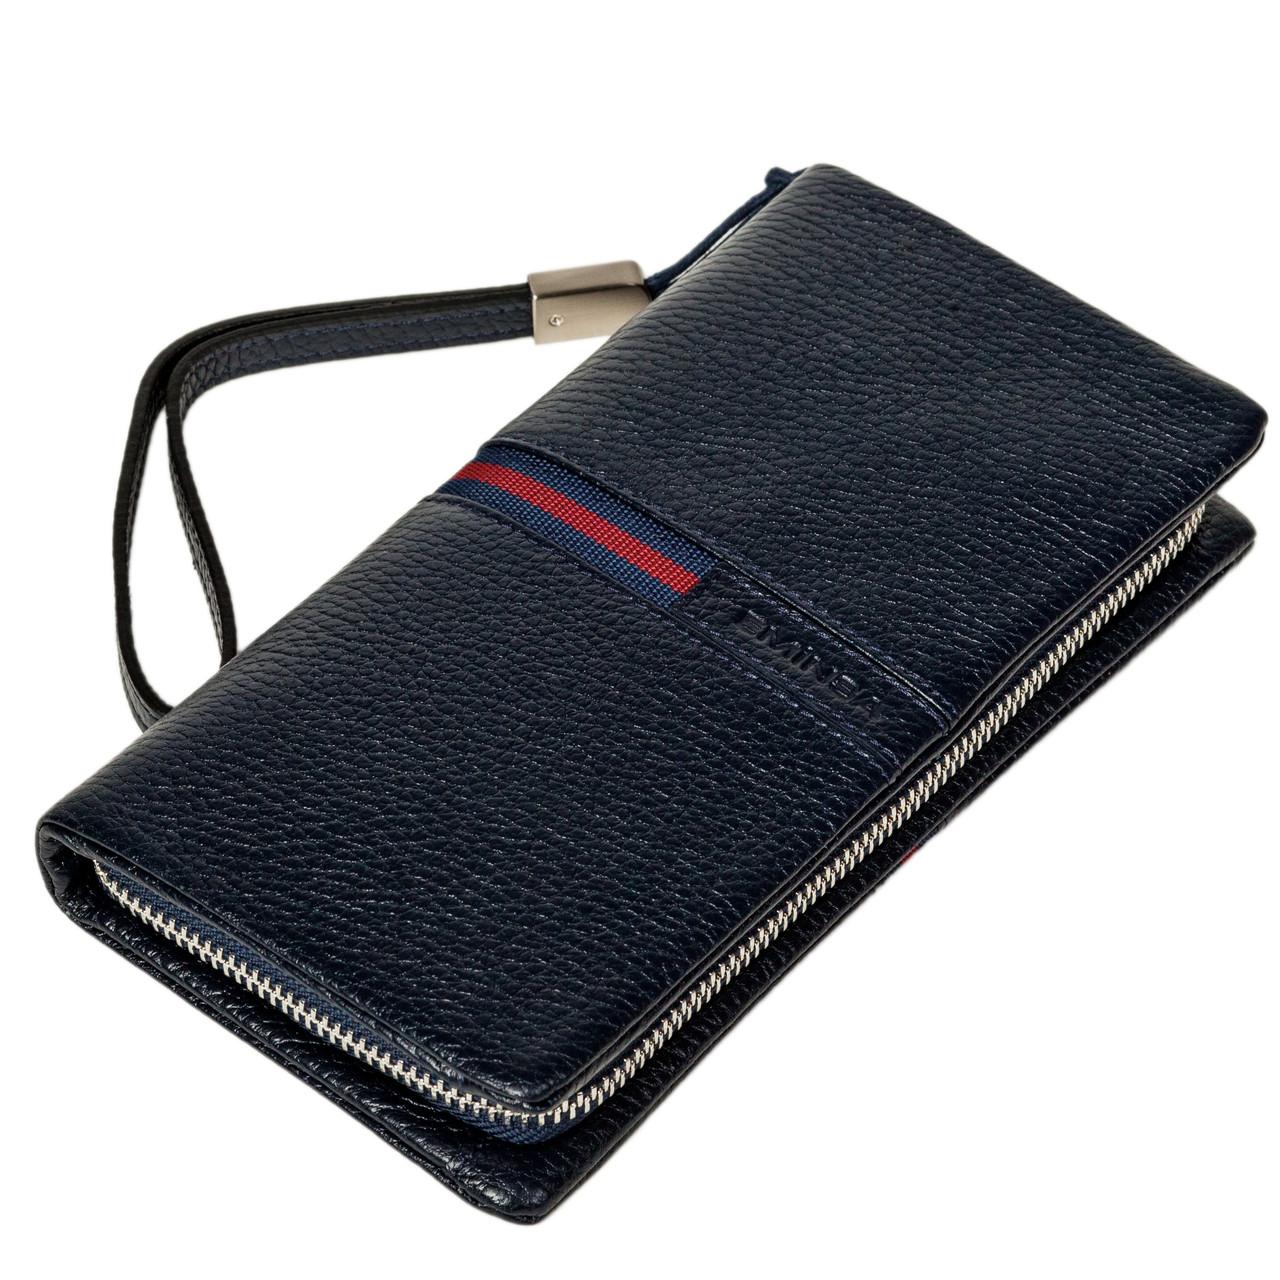 Мужской кошелек клатч Eminsa 5113-37-19 кожаный темно синий